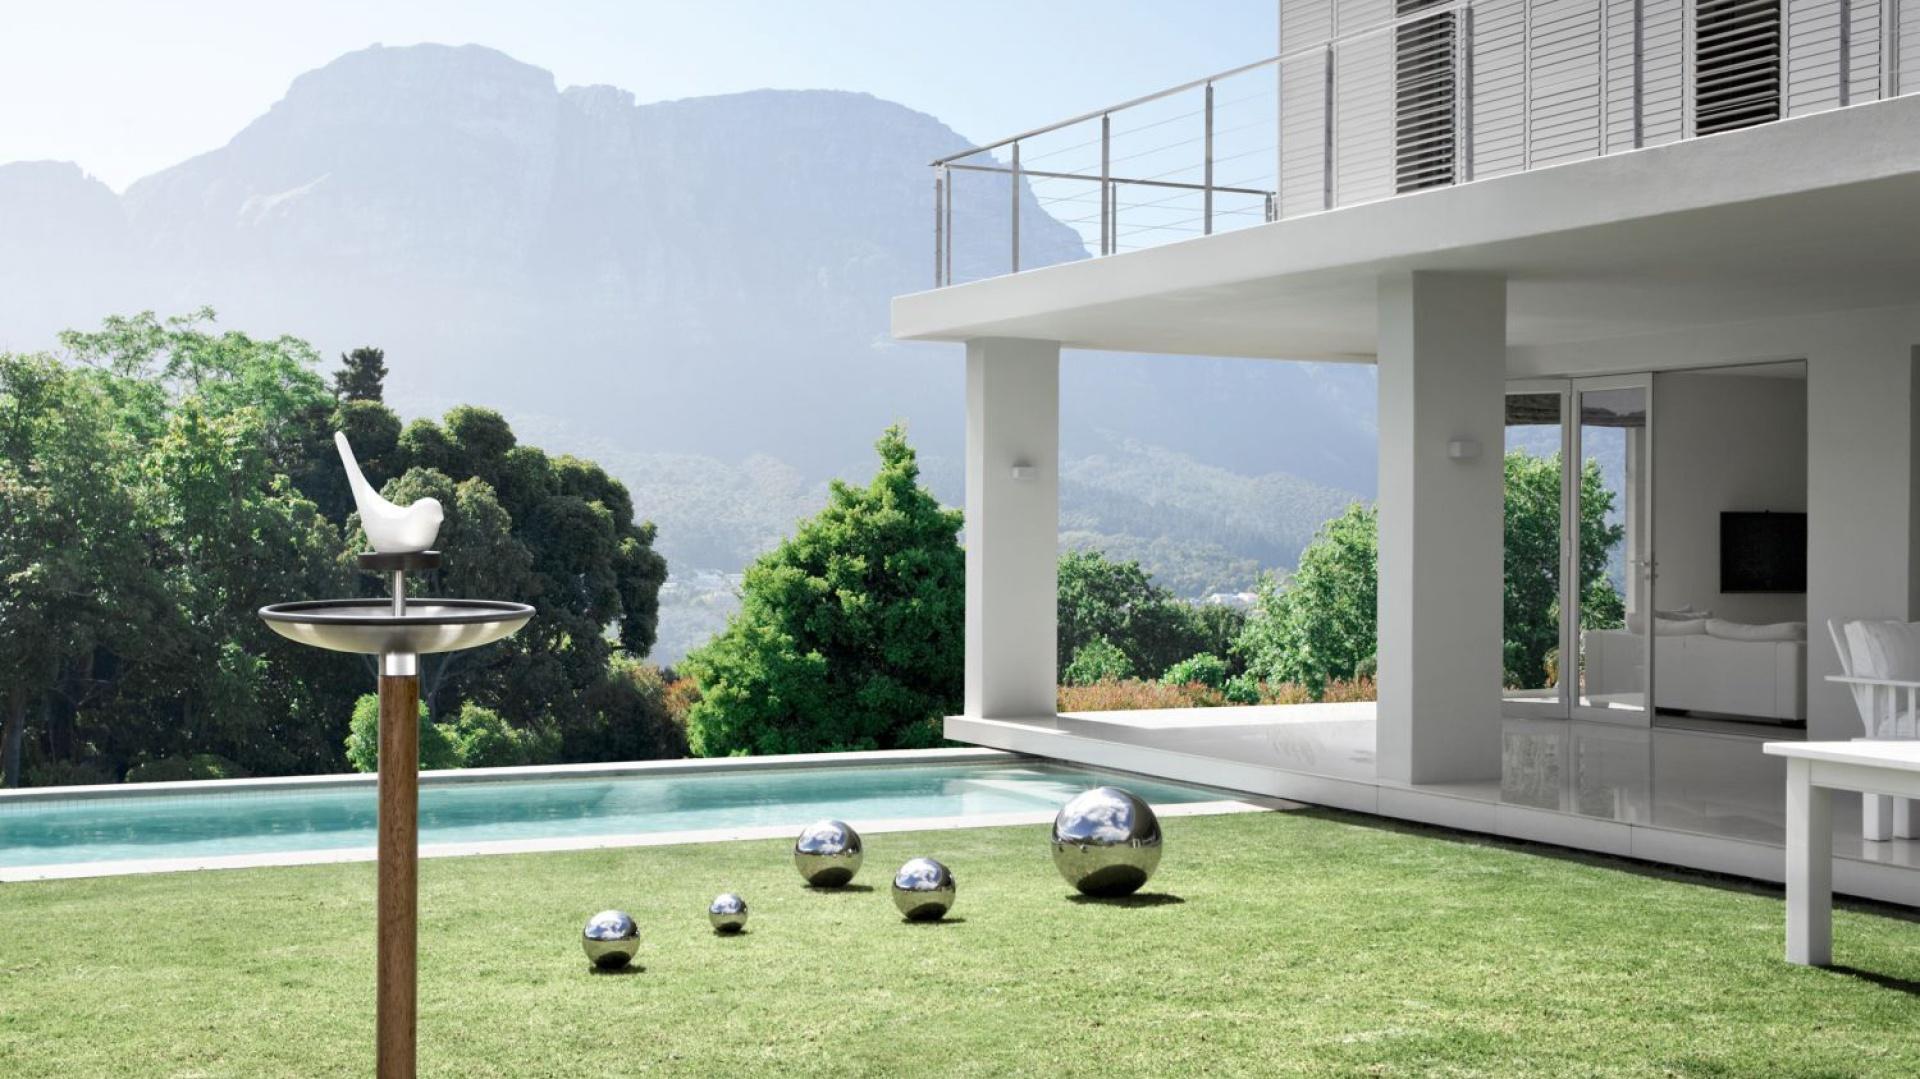 Polerowane kule dekoracyjne Bola ułożone w ogrodzie będą pięknie odbijać otoczenie, zwłaszcza wieczorem, gdy zapalimy oświetlenie. Fot. Czerwona Maszyna